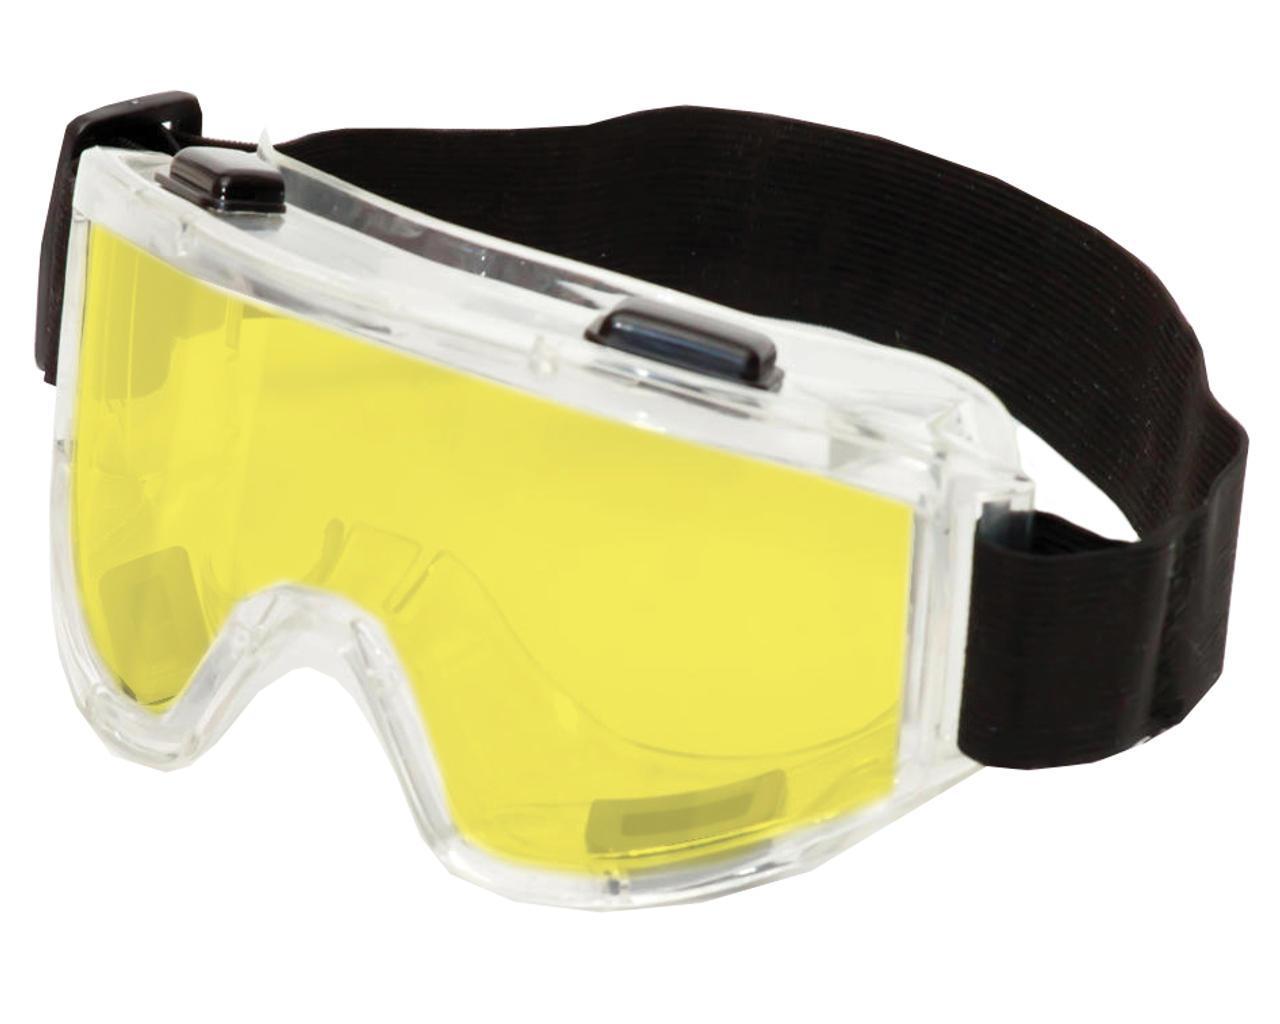 Очки защитные Vision Контраст+ линза жёлтая